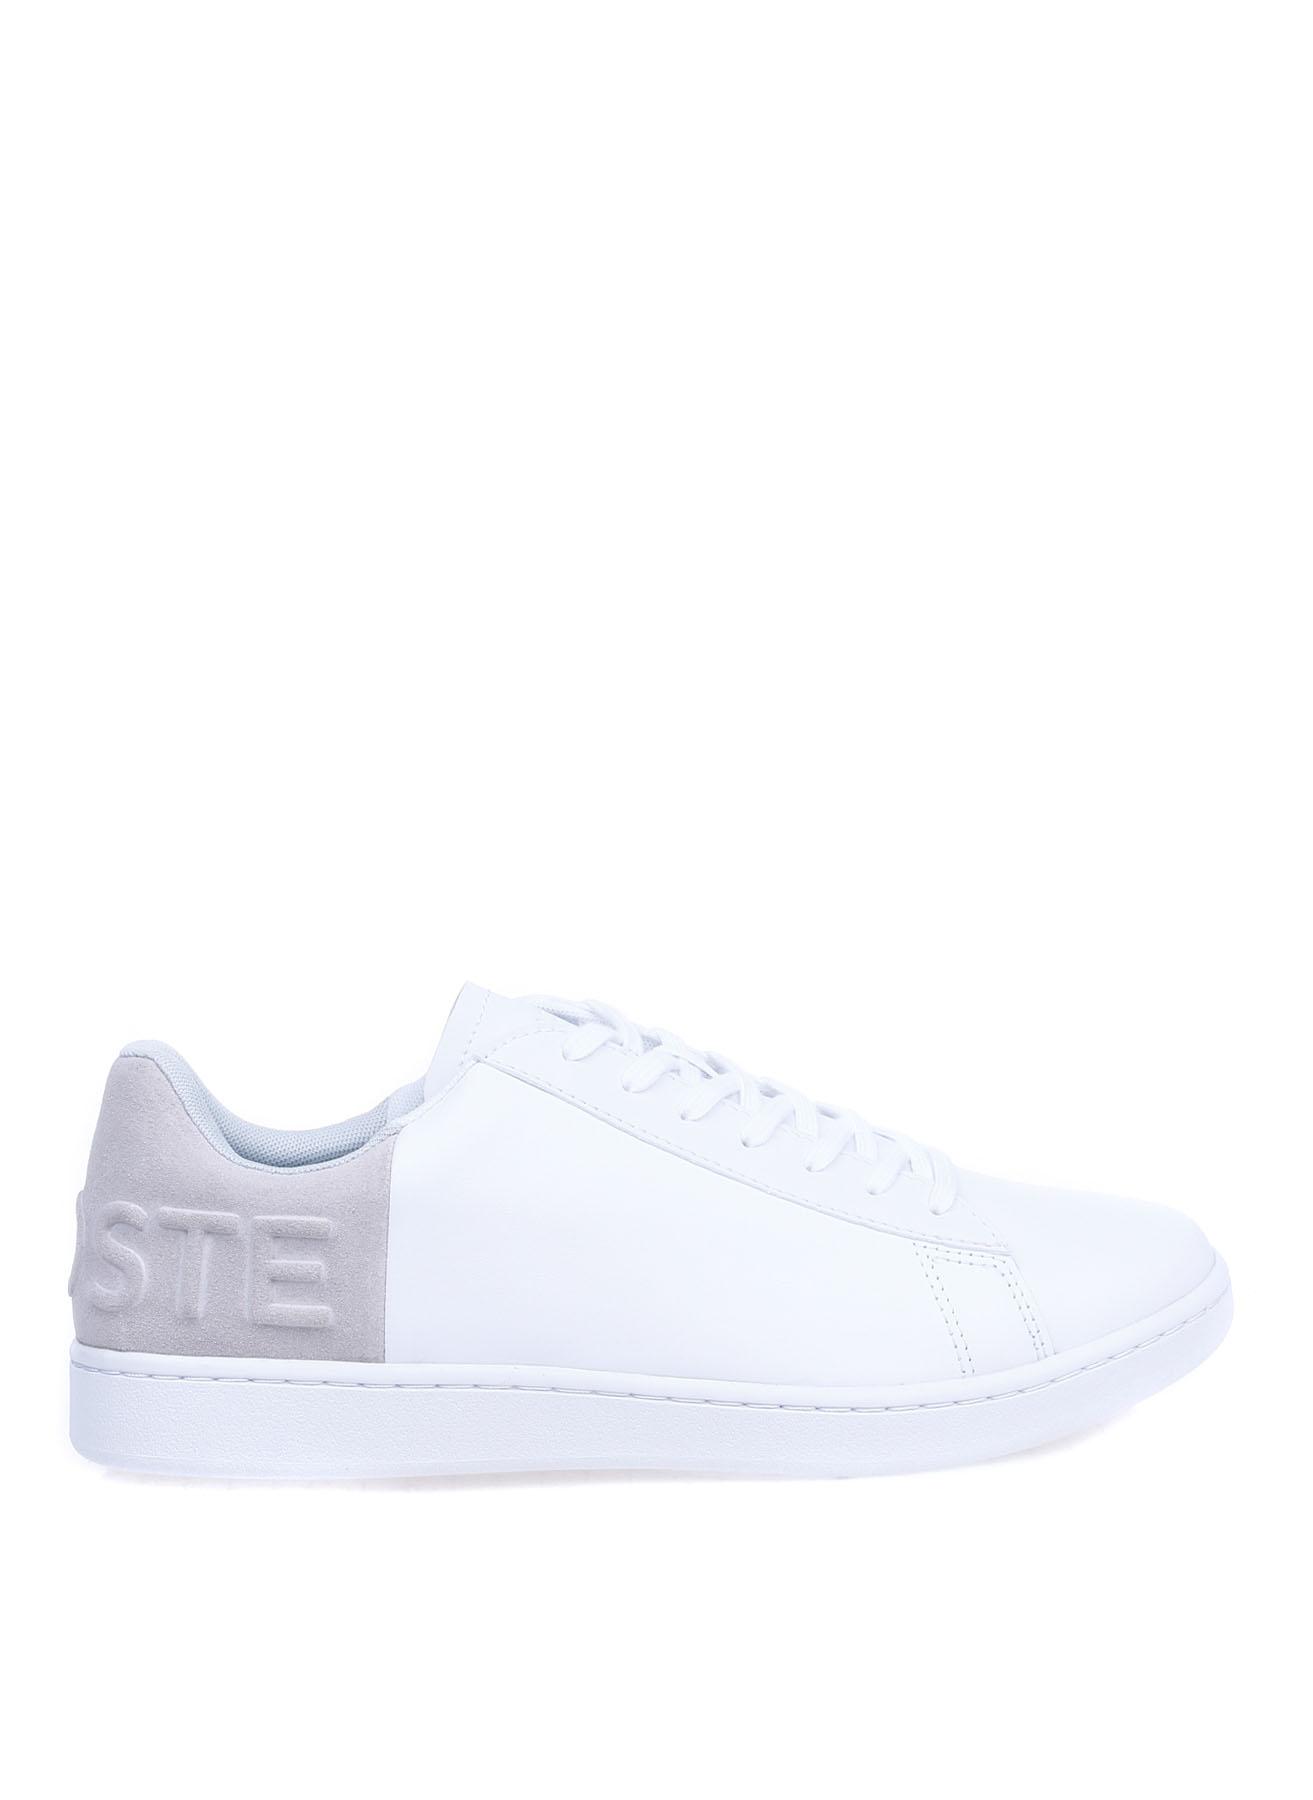 Lacoste Erkek Deri Beyaz Lifestyle Ayakkabı 43 5002314251005 Ürün Resmi